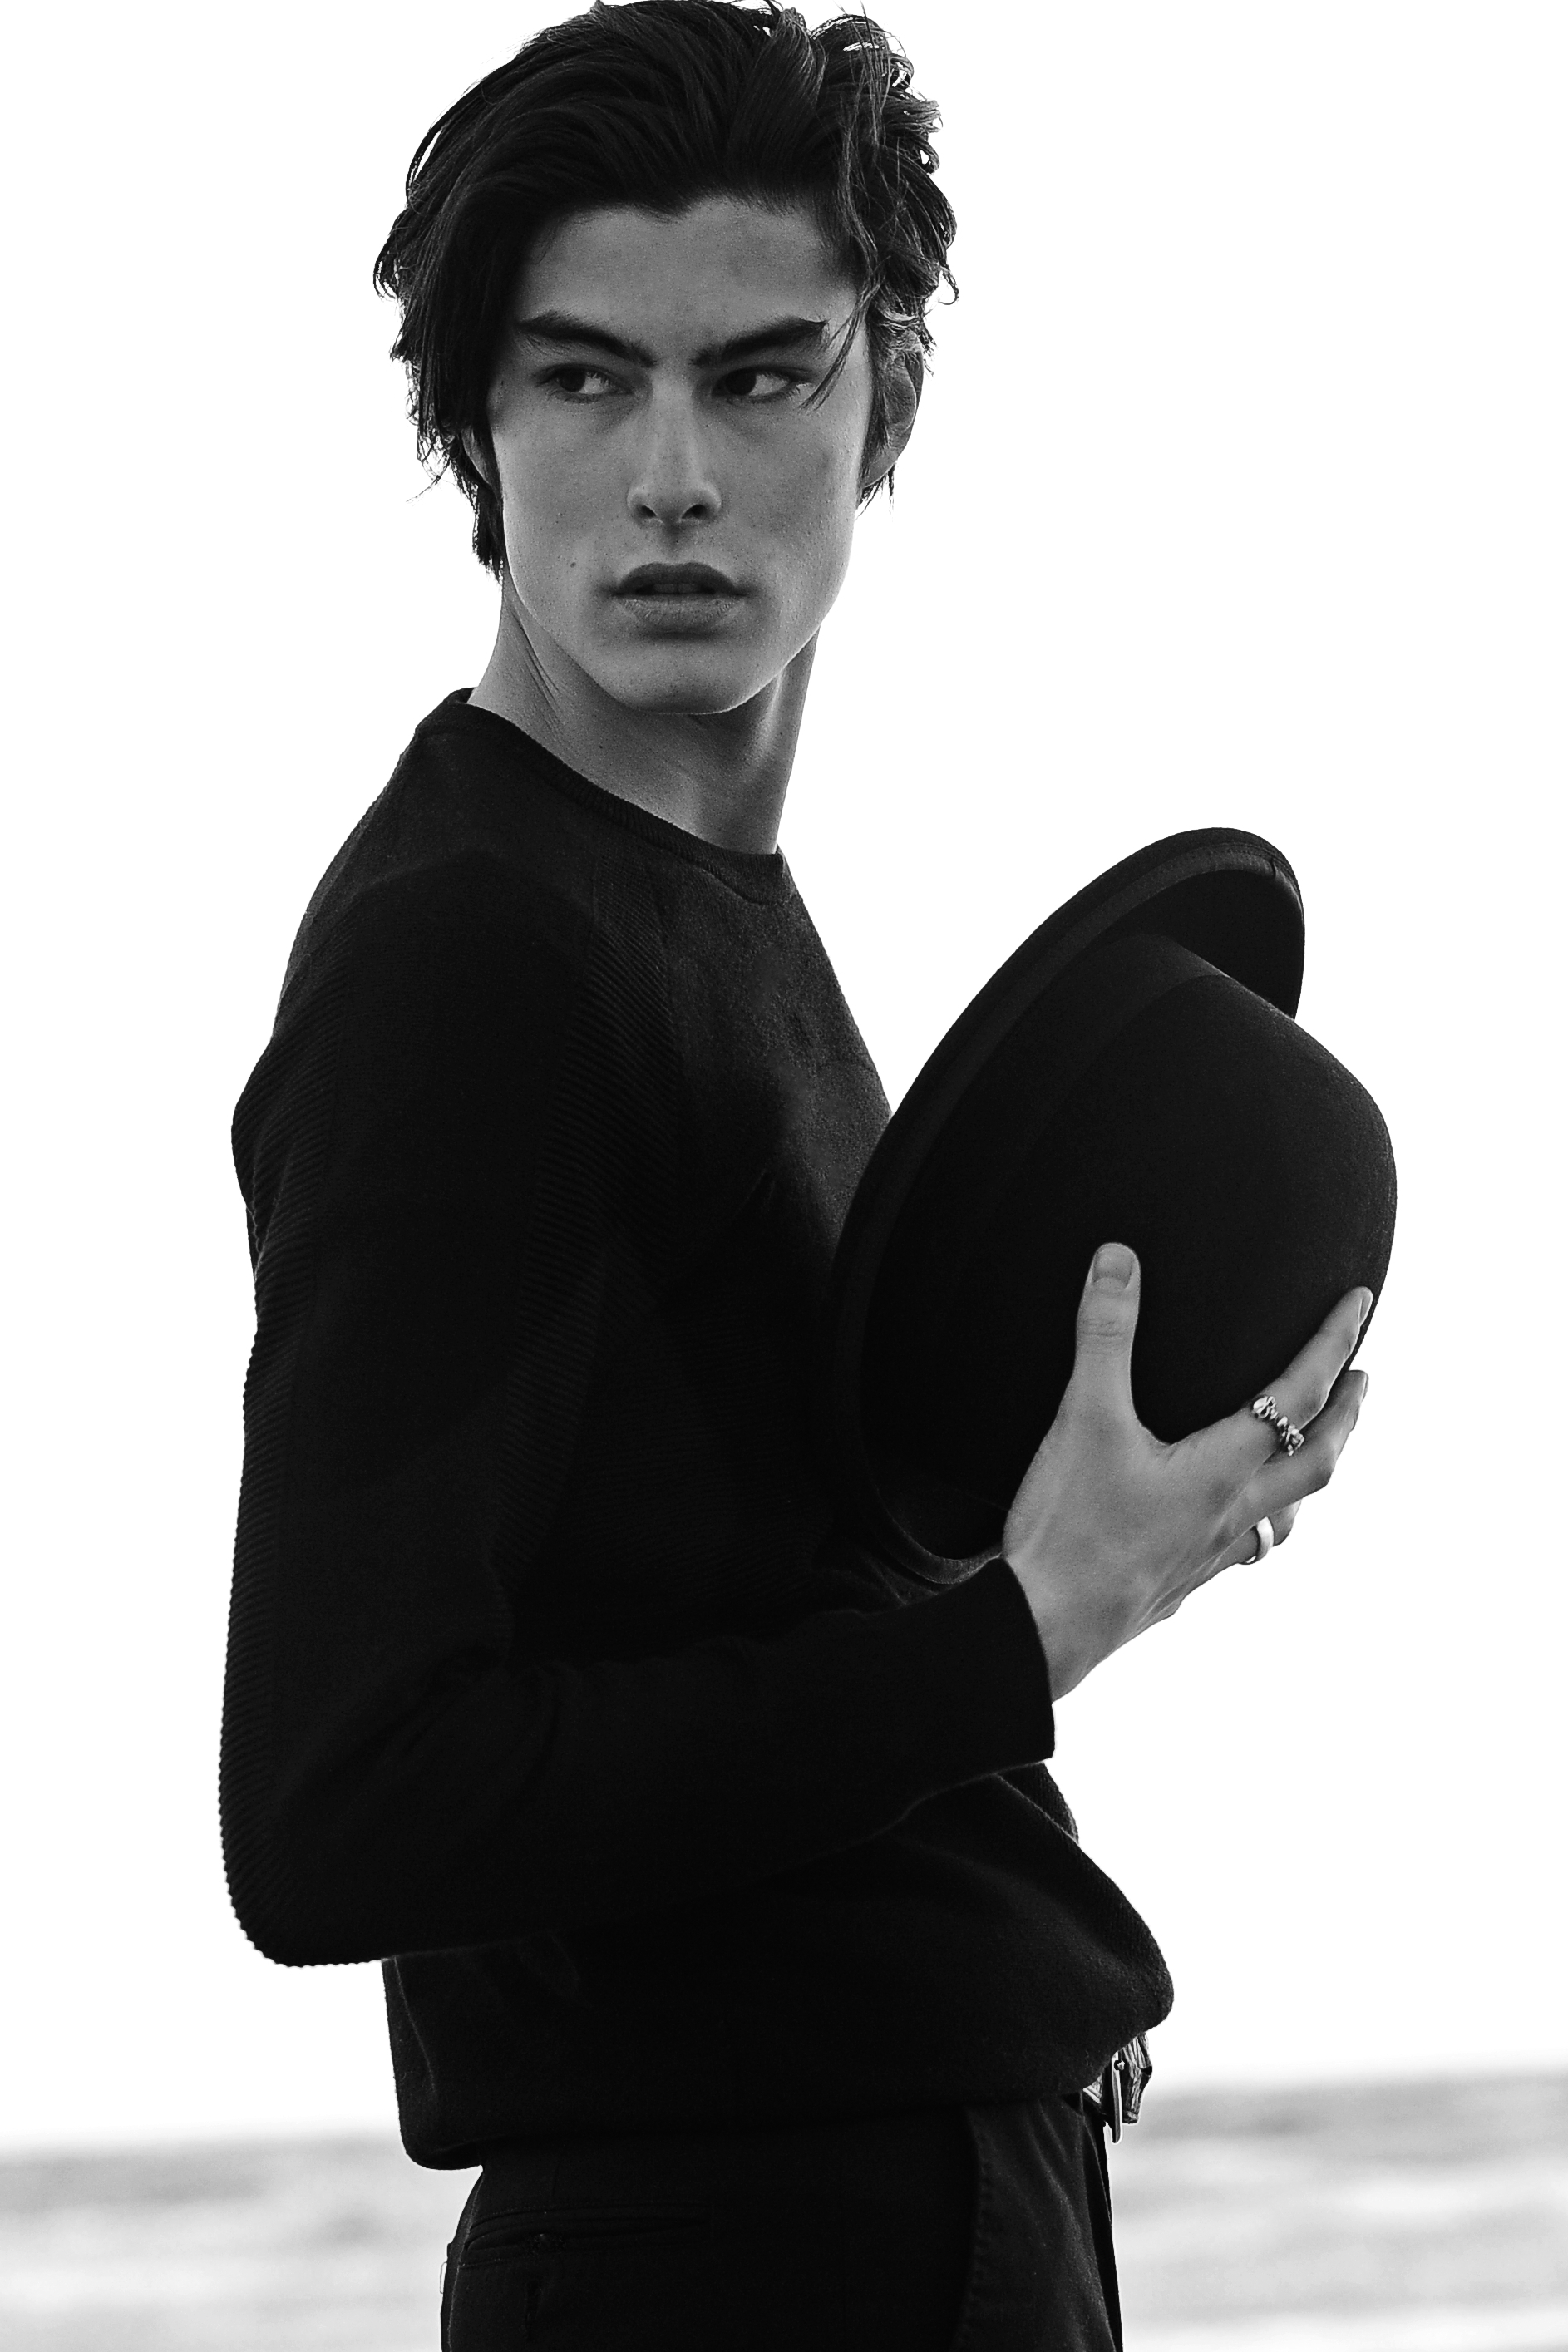 Top: H&M / Rings: Vintage / Hat: Jacobson / Pants: Alexander McQueen